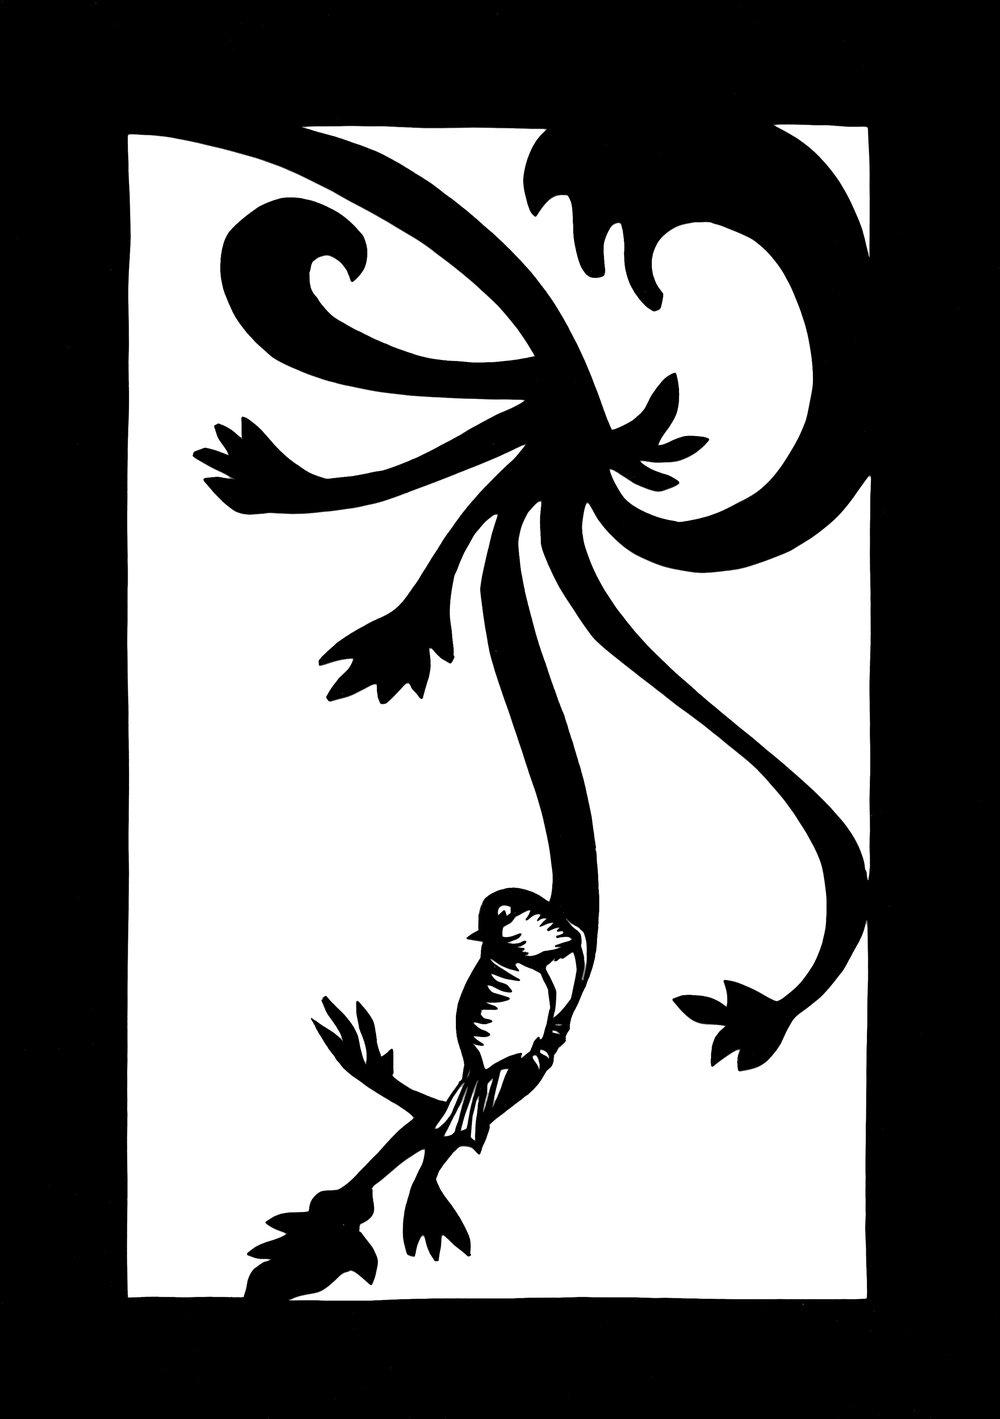 sheilas_birds_songs-Edit.jpg